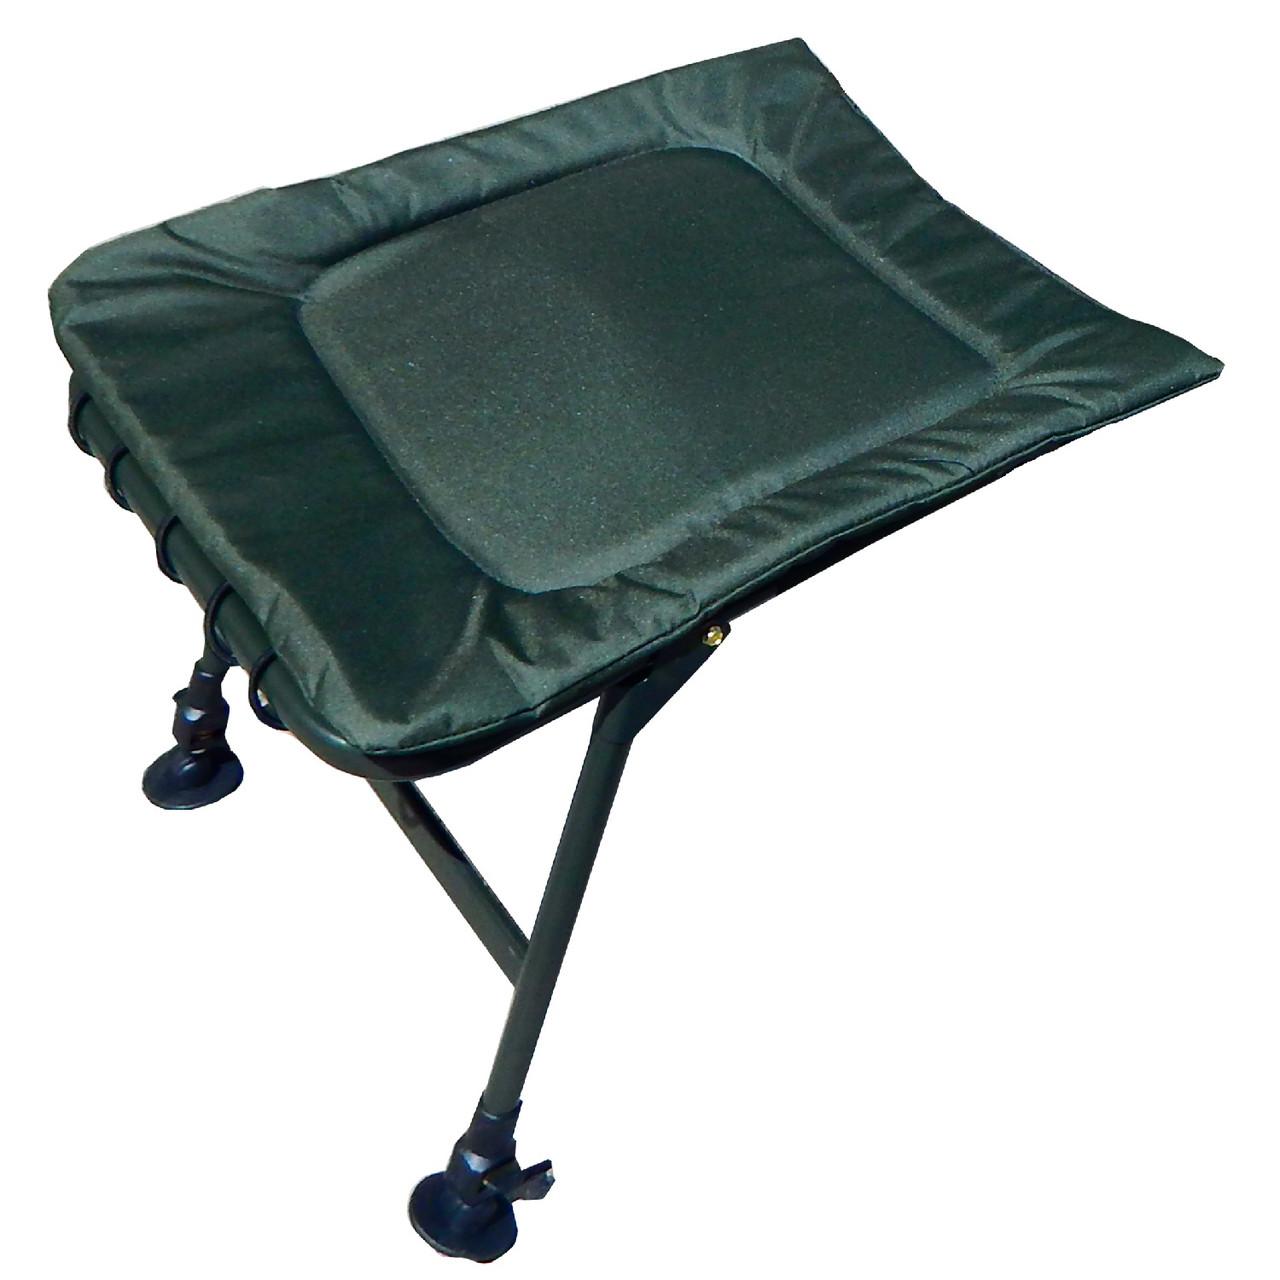 Карповая приставка под ноги для кресла Ranger (Арт. RA 2231)